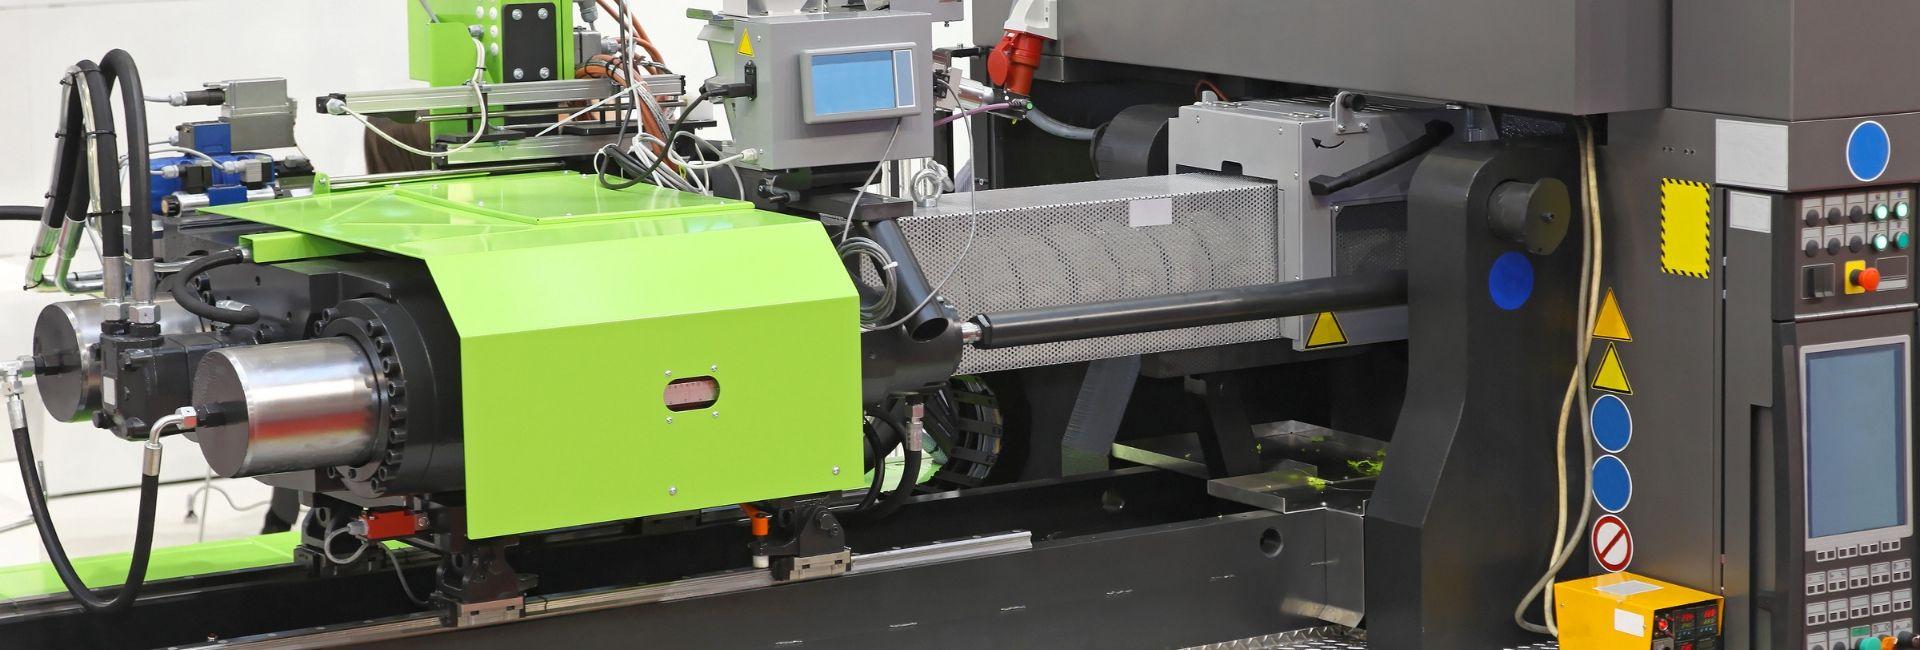 Plastics Manufacturing Machinery | Venture Plastics